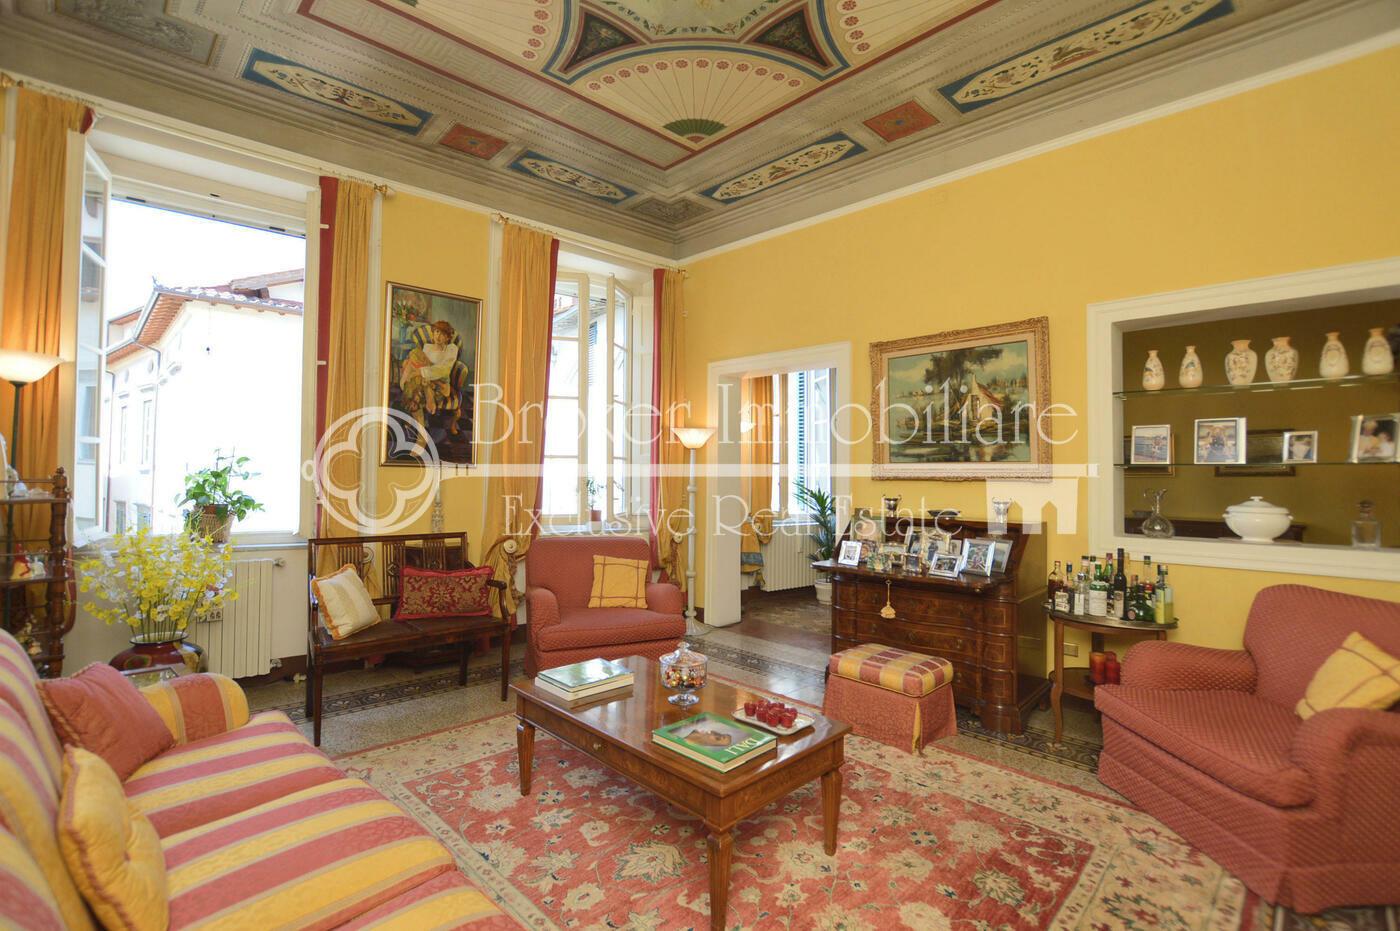 Appartamento in vendita a Lucca nel centro storico